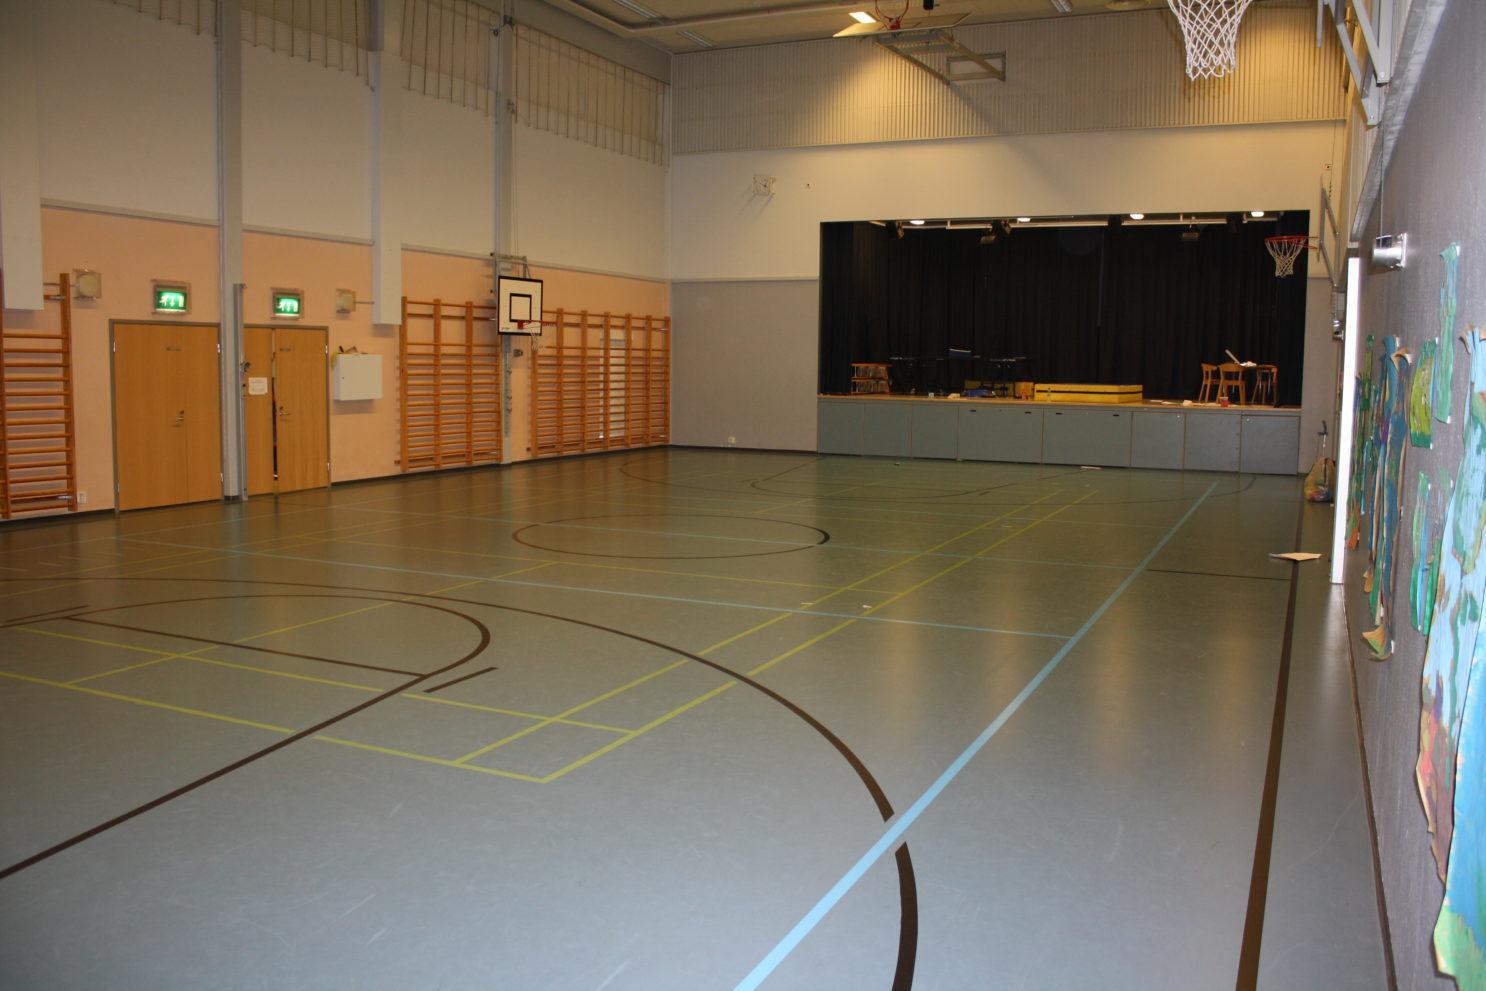 Harjulan koulun sali